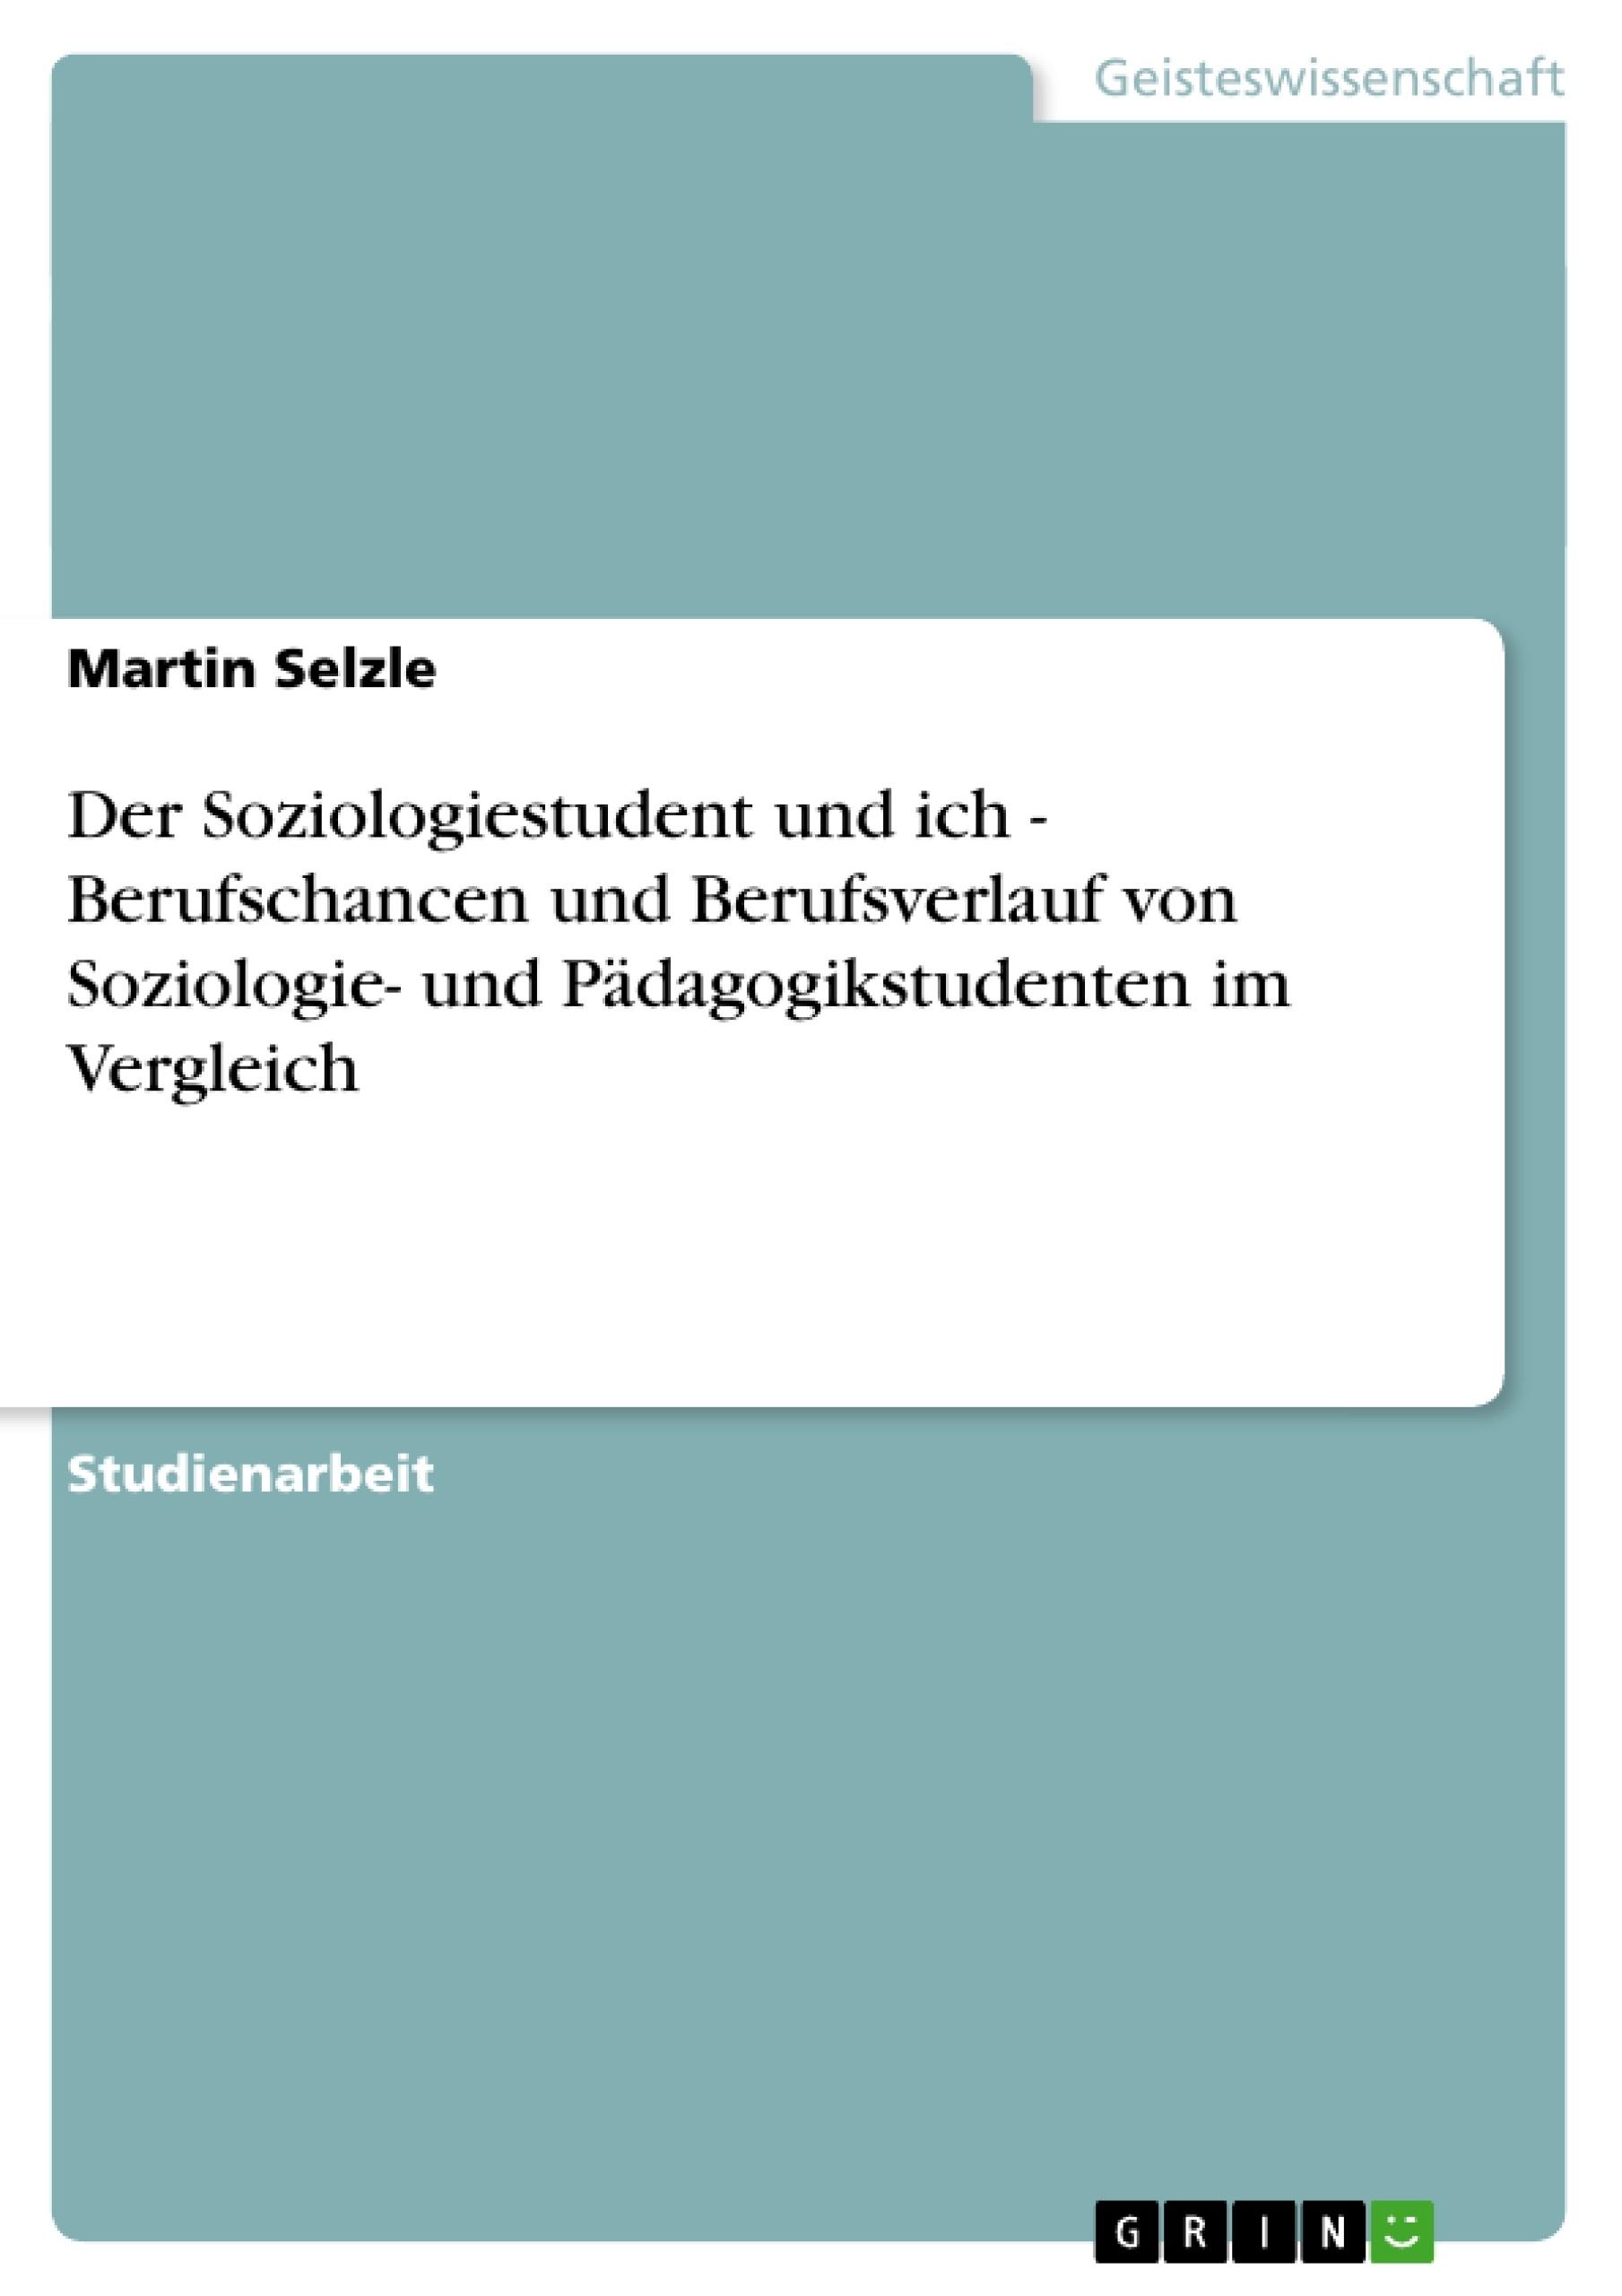 Titel: Der Soziologiestudent und ich - Berufschancen und Berufsverlauf von Soziologie- und Pädagogikstudenten im Vergleich